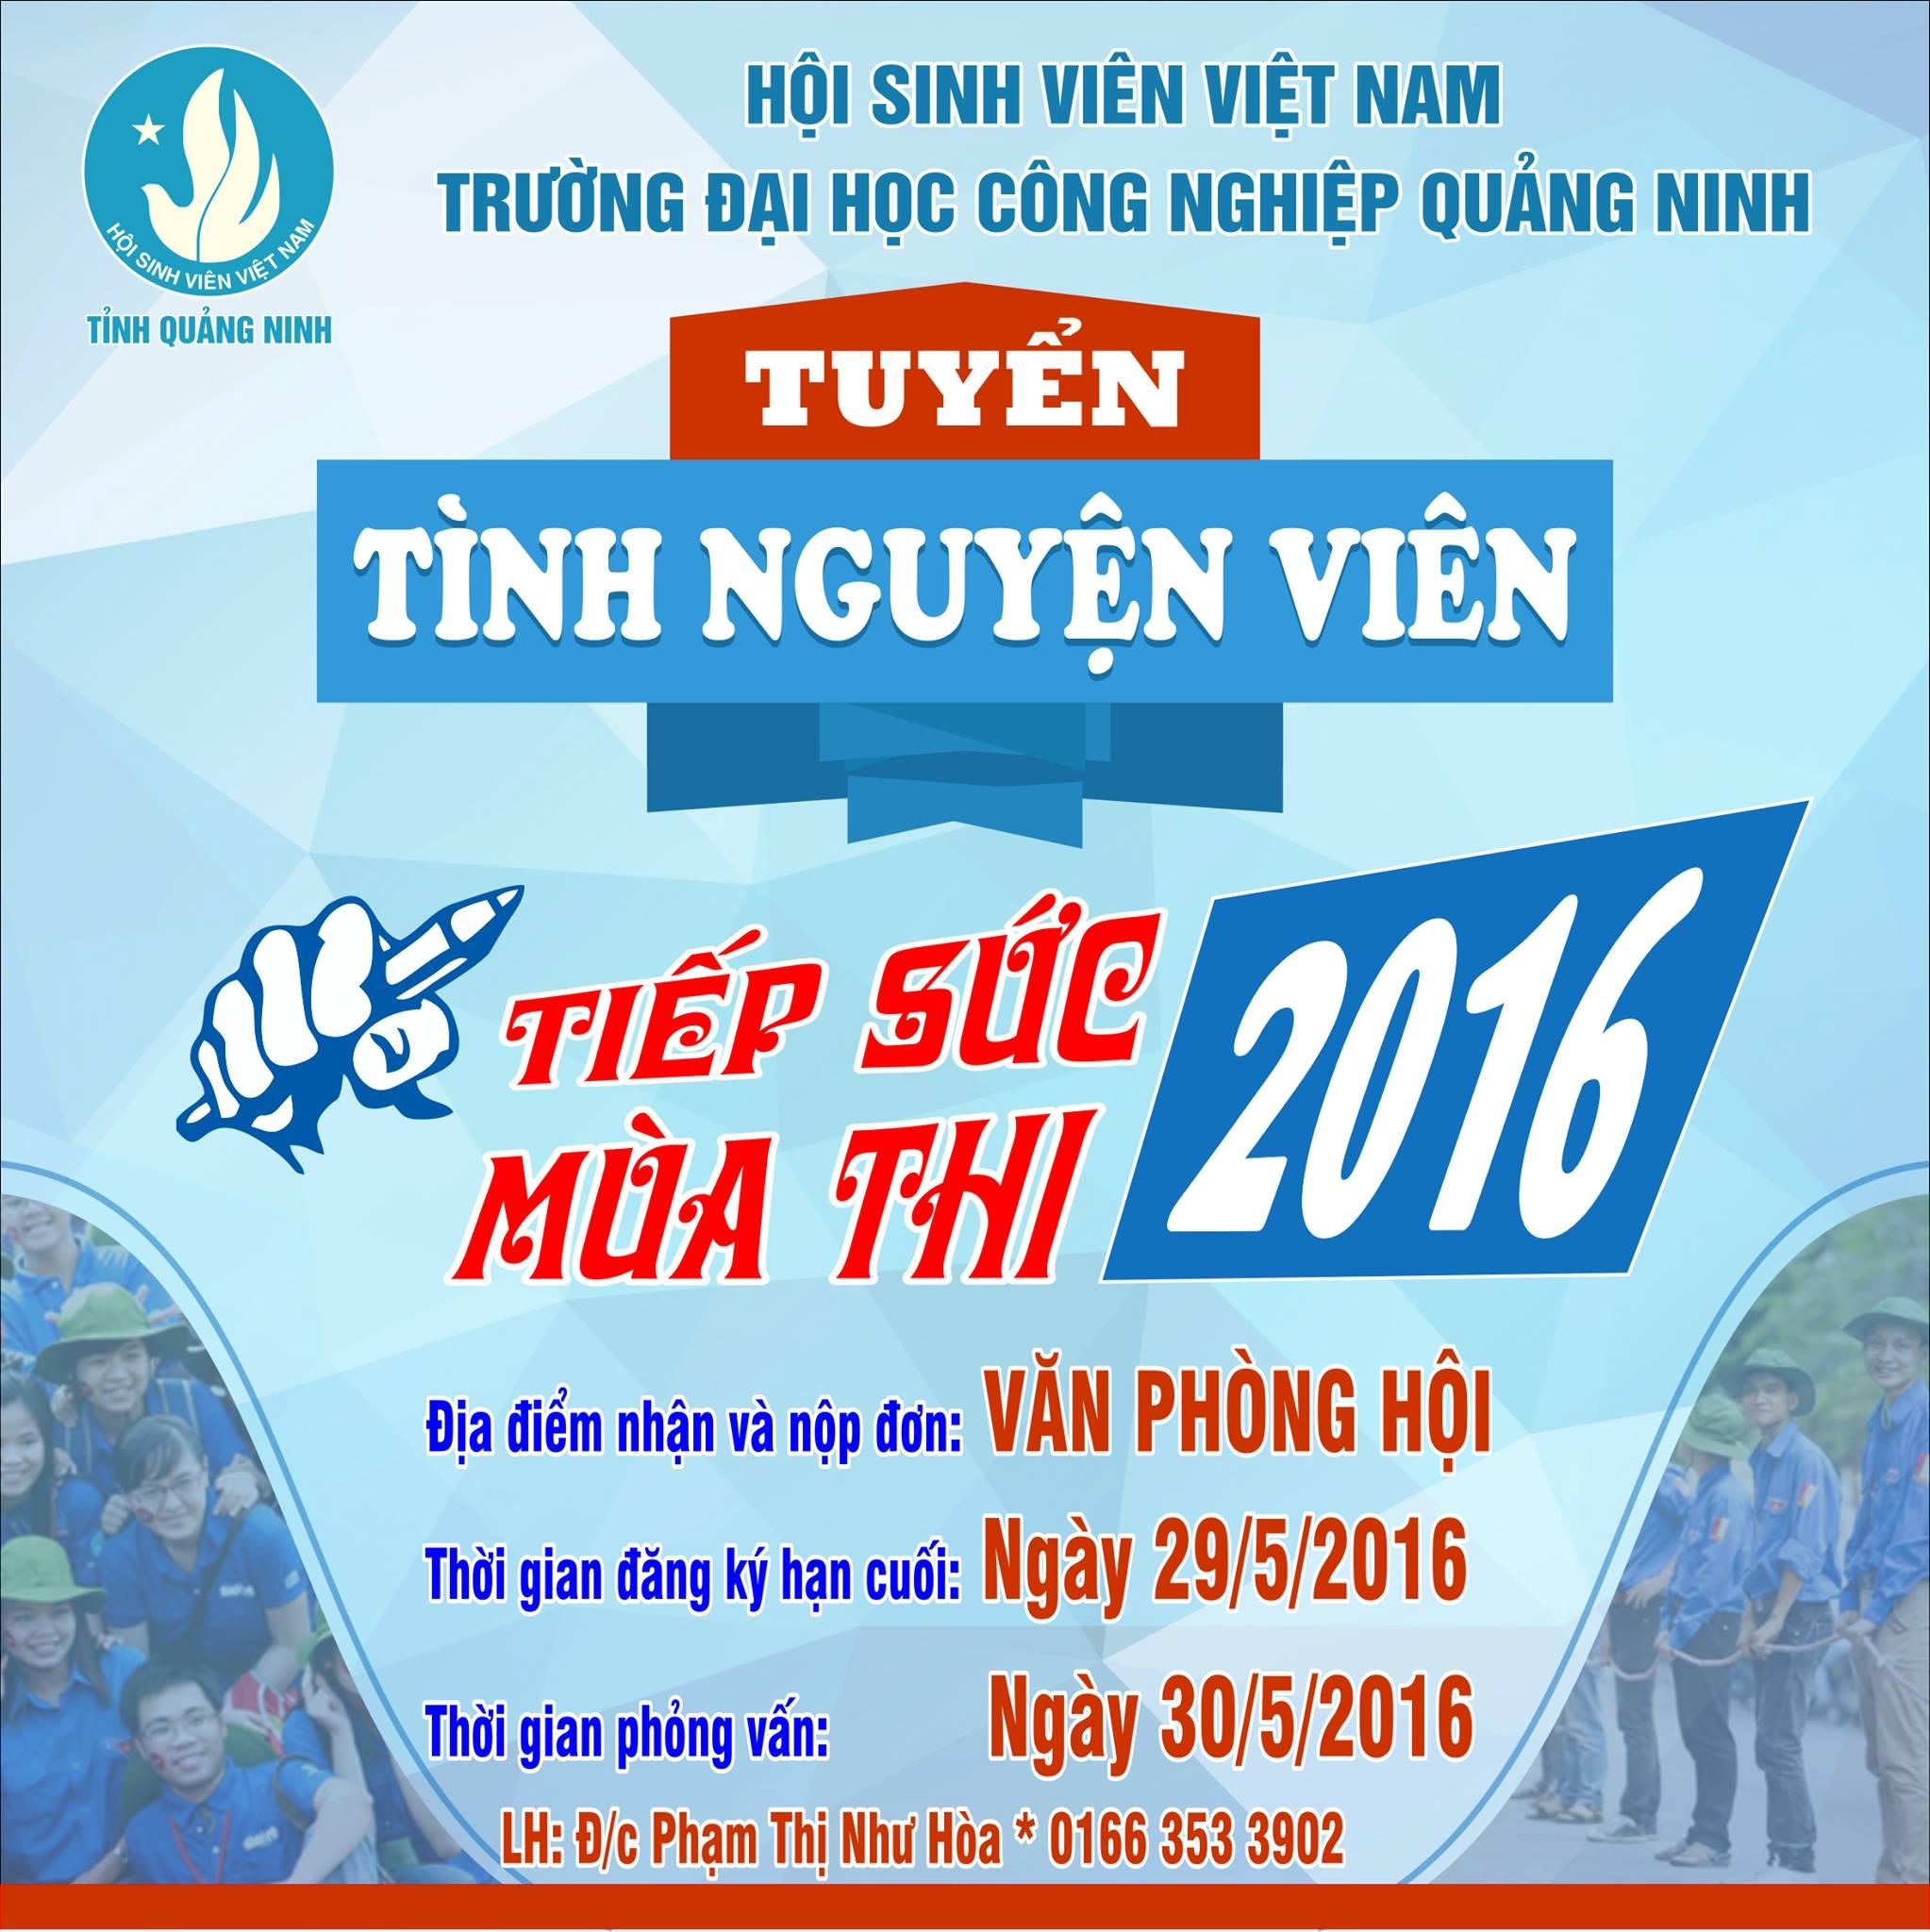 Chương trình tiếp sức mùa thi và tình nguyện hè 2016 - ĐHCN Quảng Ninh